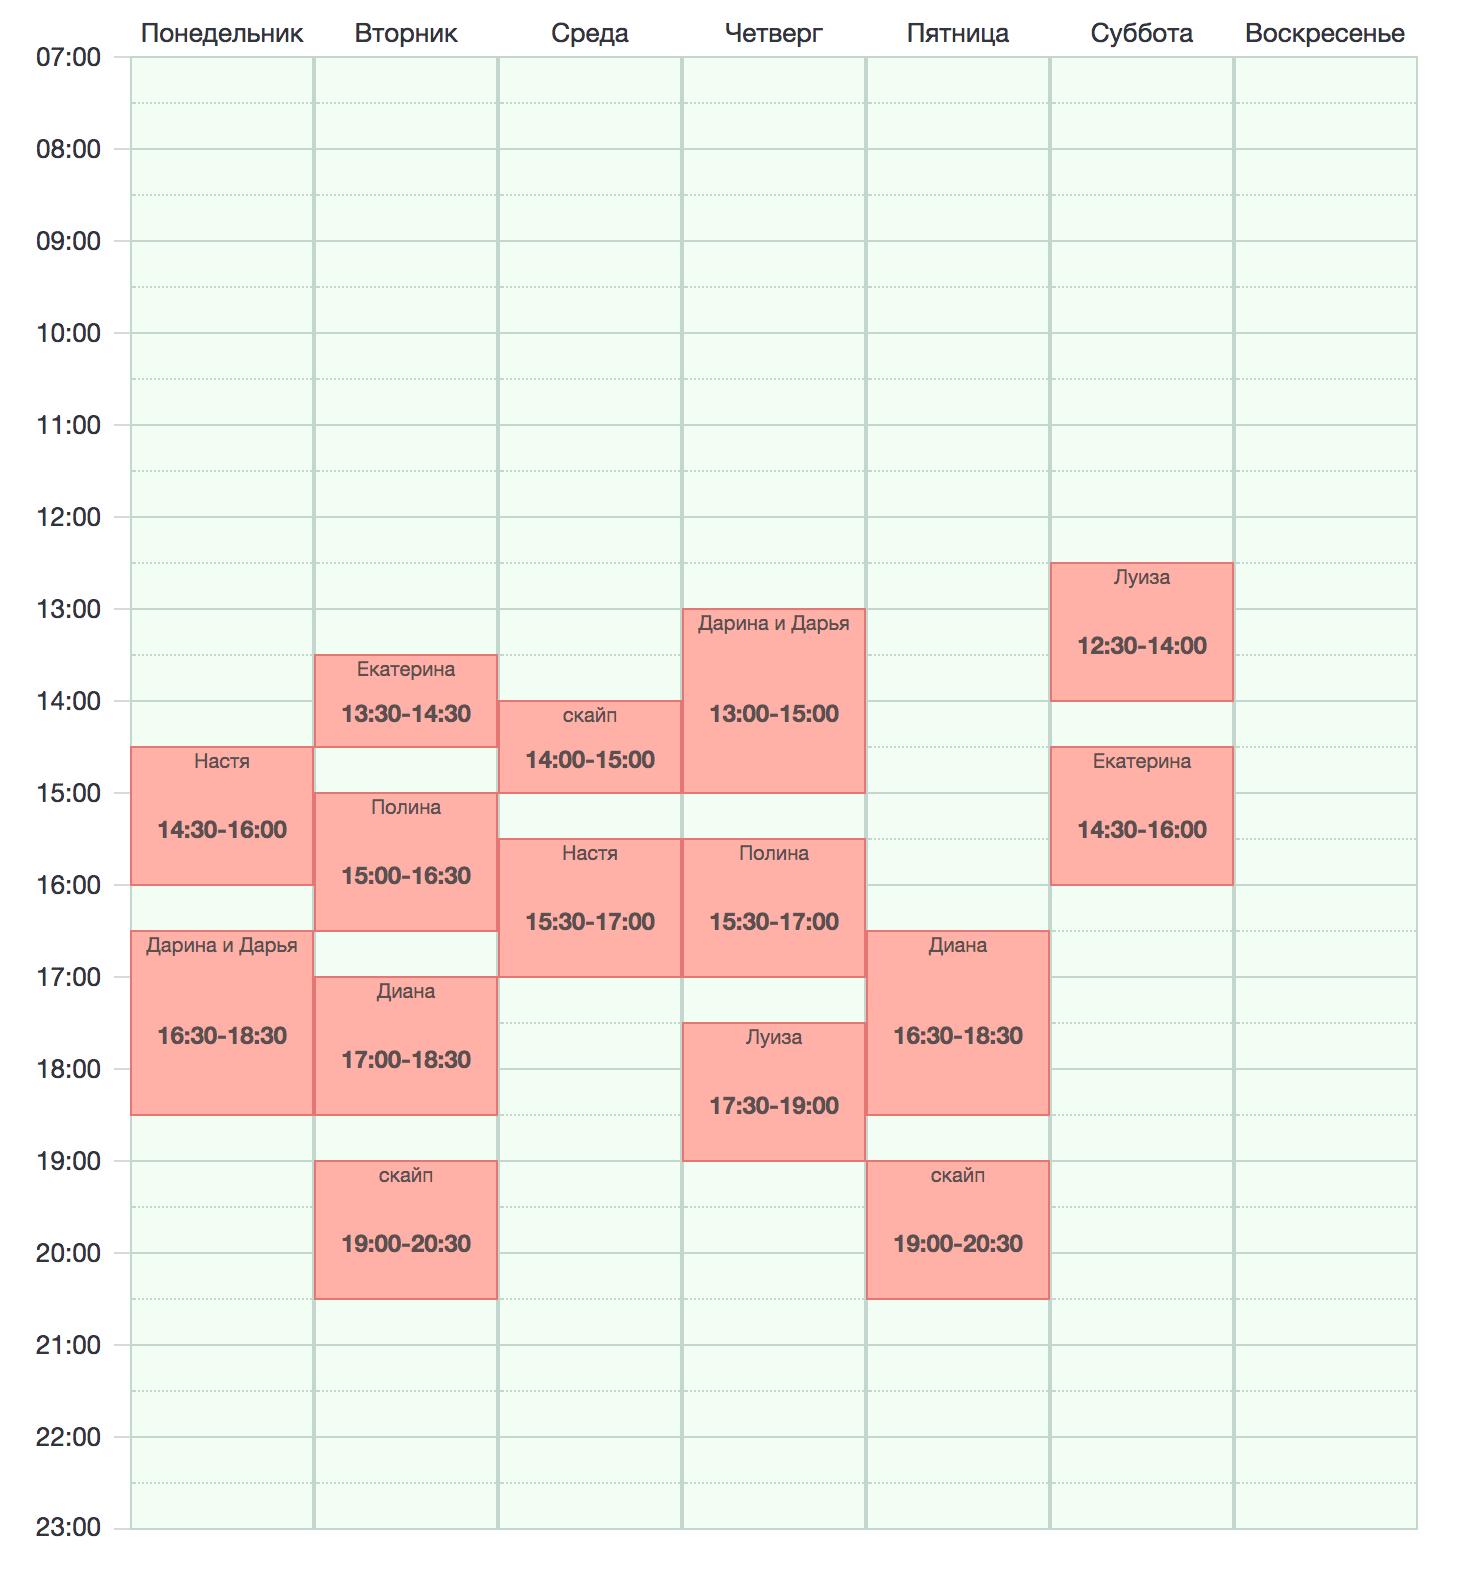 Мое расписание в этом учебном году: максимум 4 занятия в день